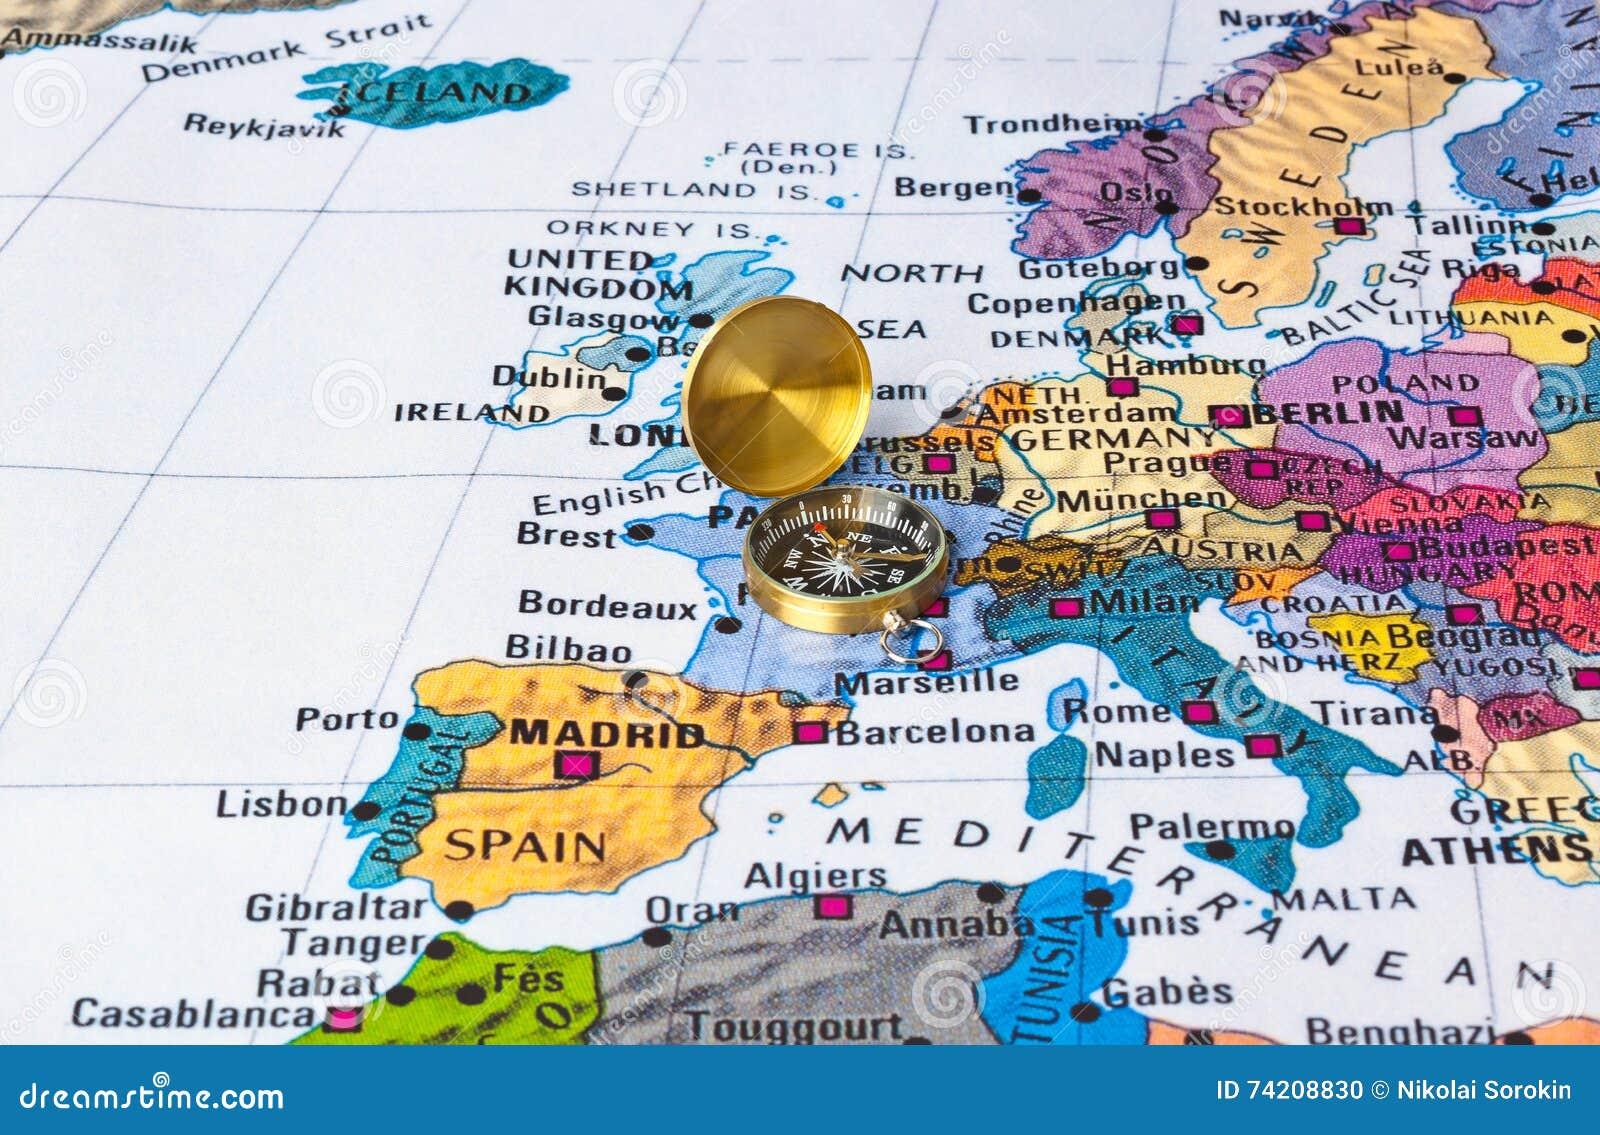 Europakarte Nordeuropa Karte.Europa Karte Und Kompaß Stockfoto Bild Von Ziel Reise 74208830